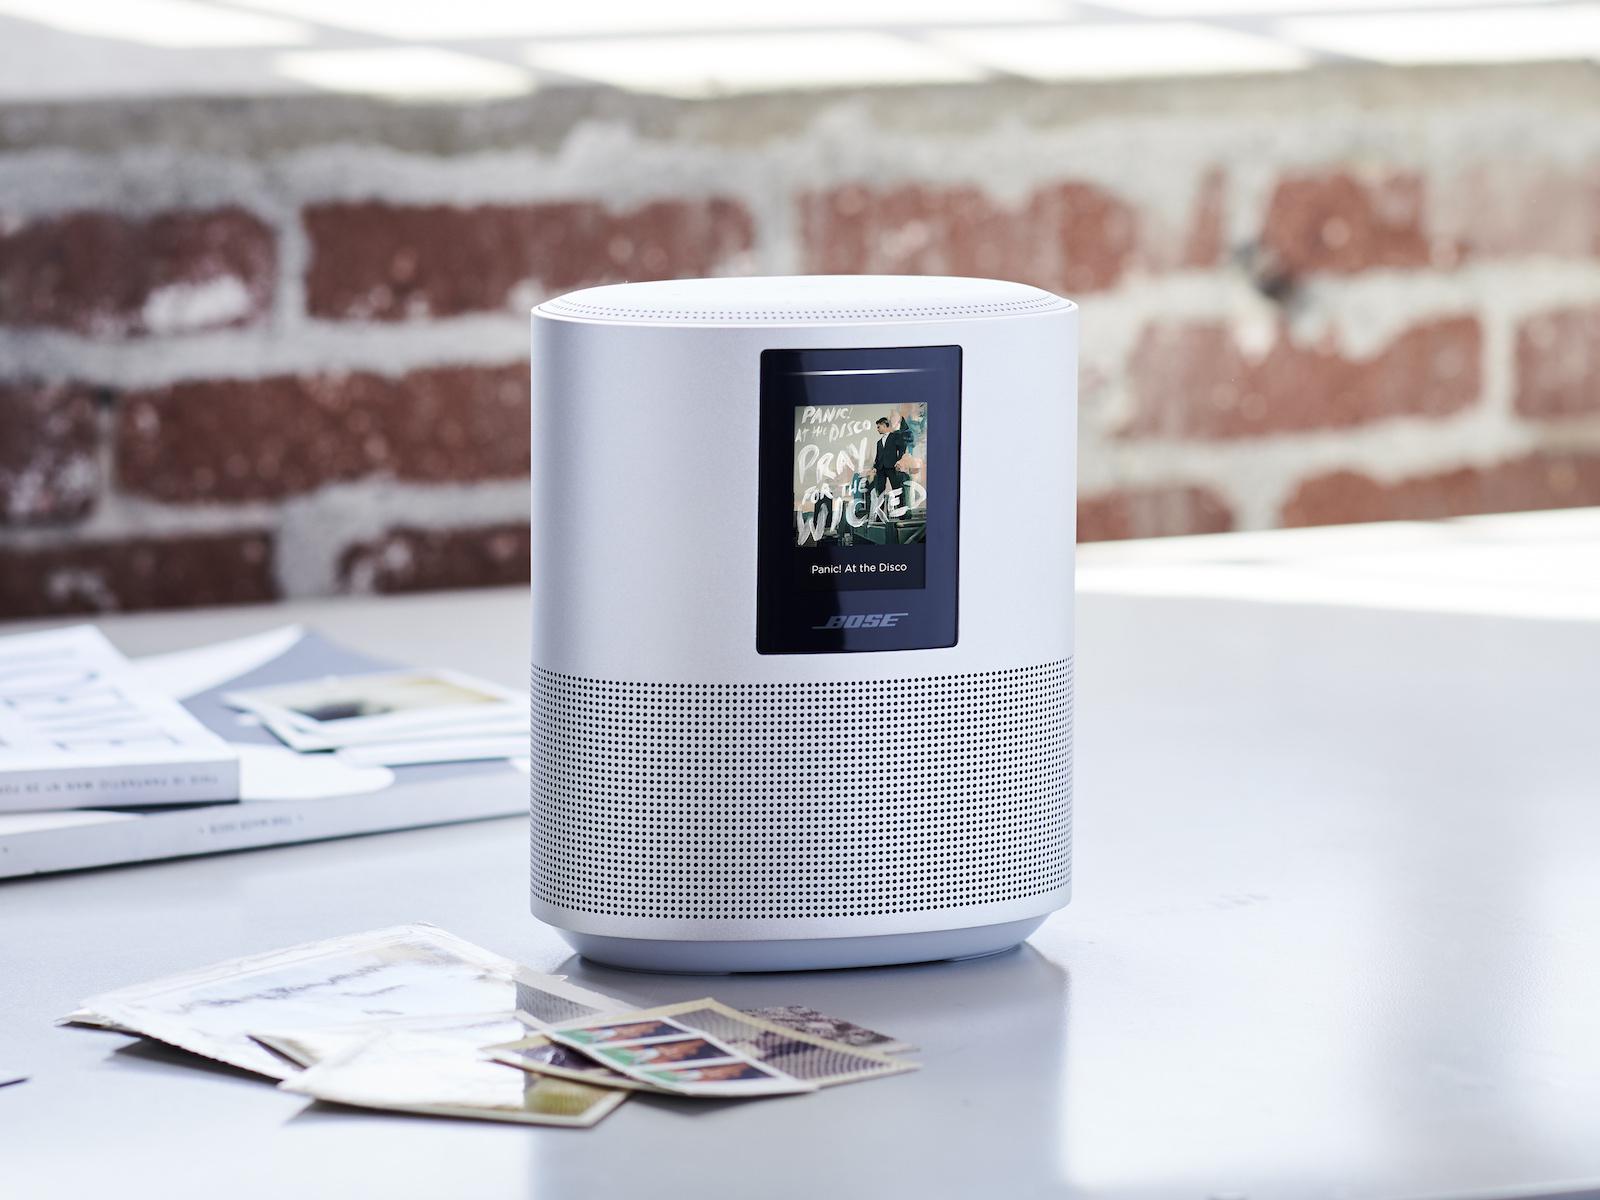 bose home speaker 500 ファームウェア